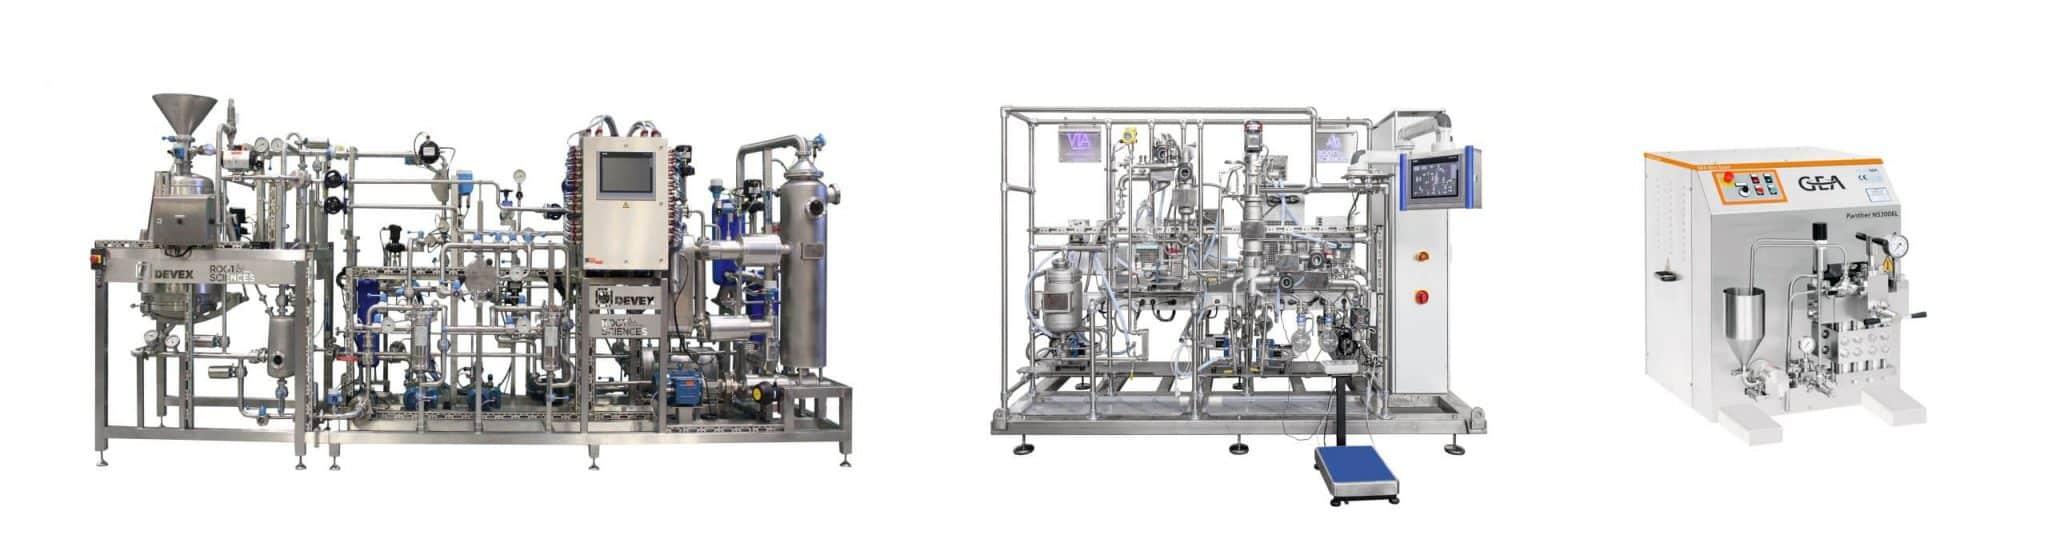 cannabis extraction-distillation-nano-machine